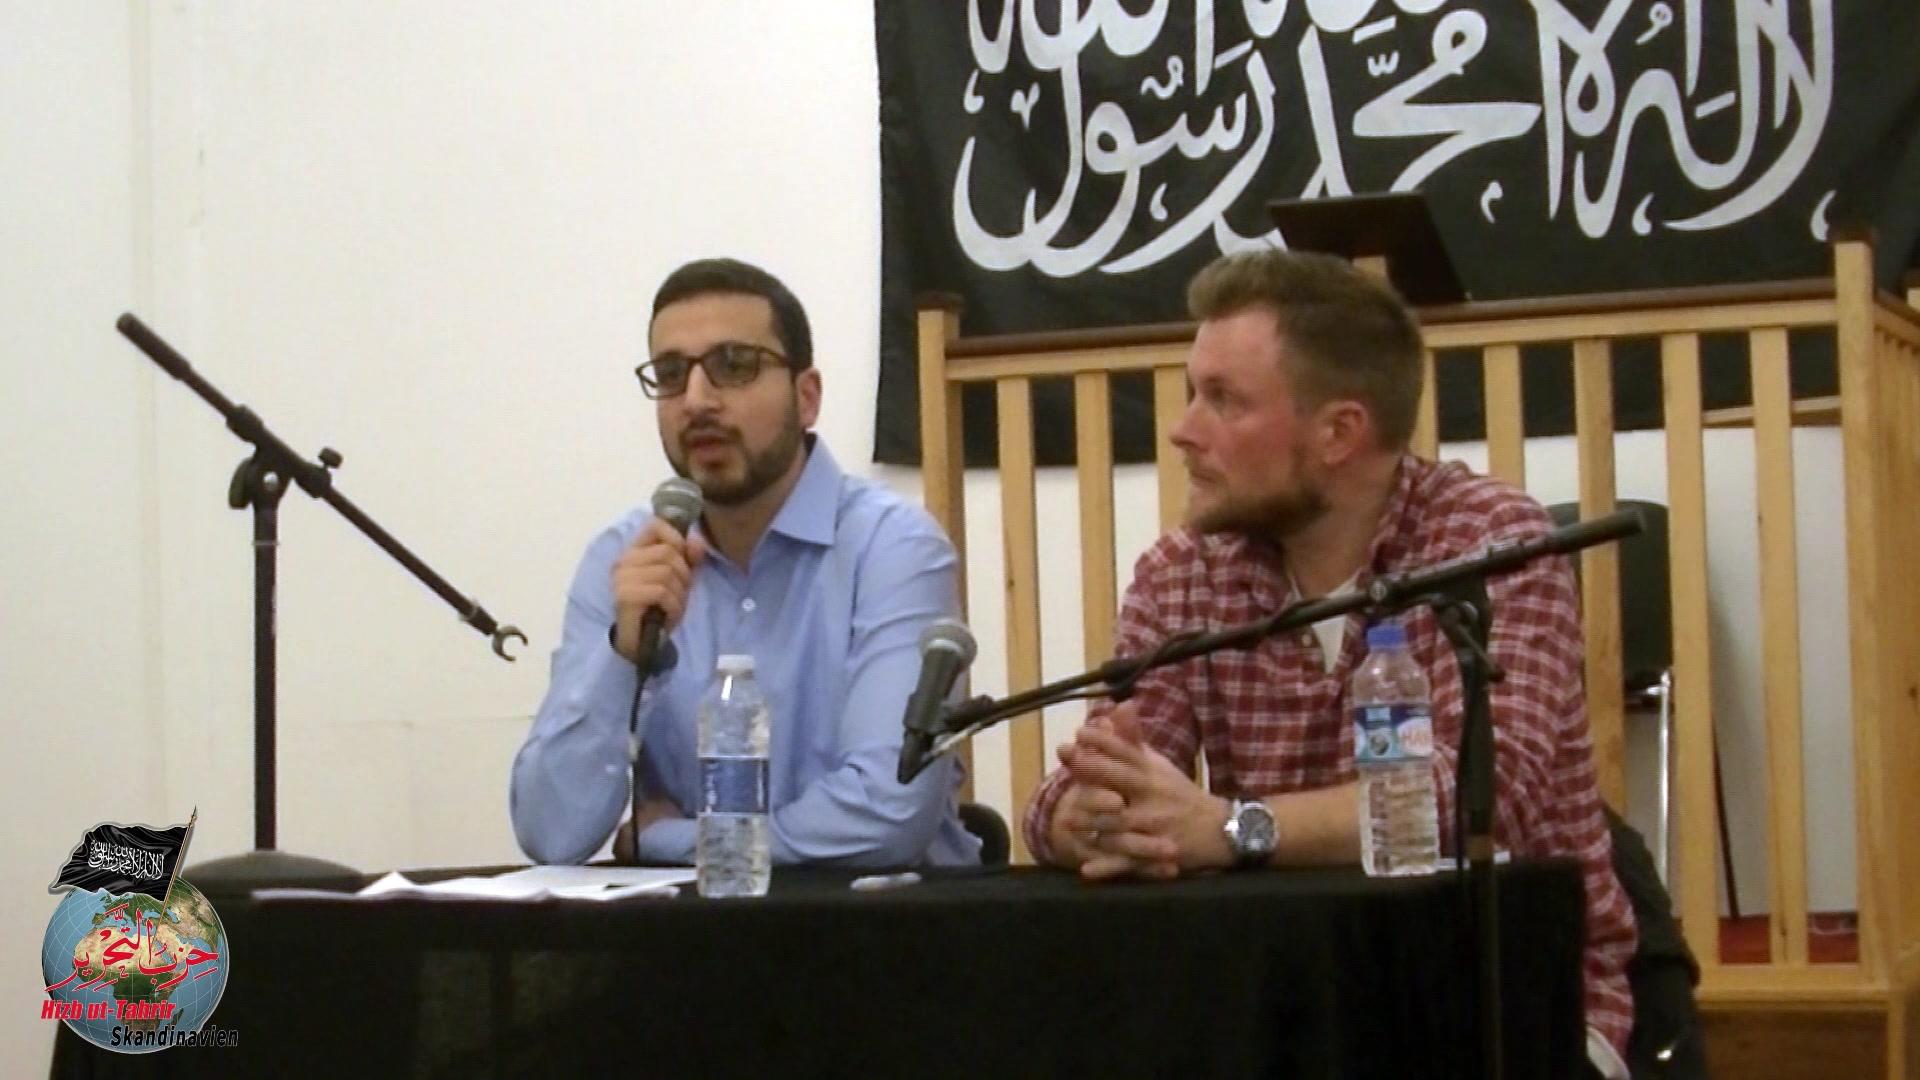 http://hizb-ut-tahrir.dk/video/images/5884556f56942.jpg